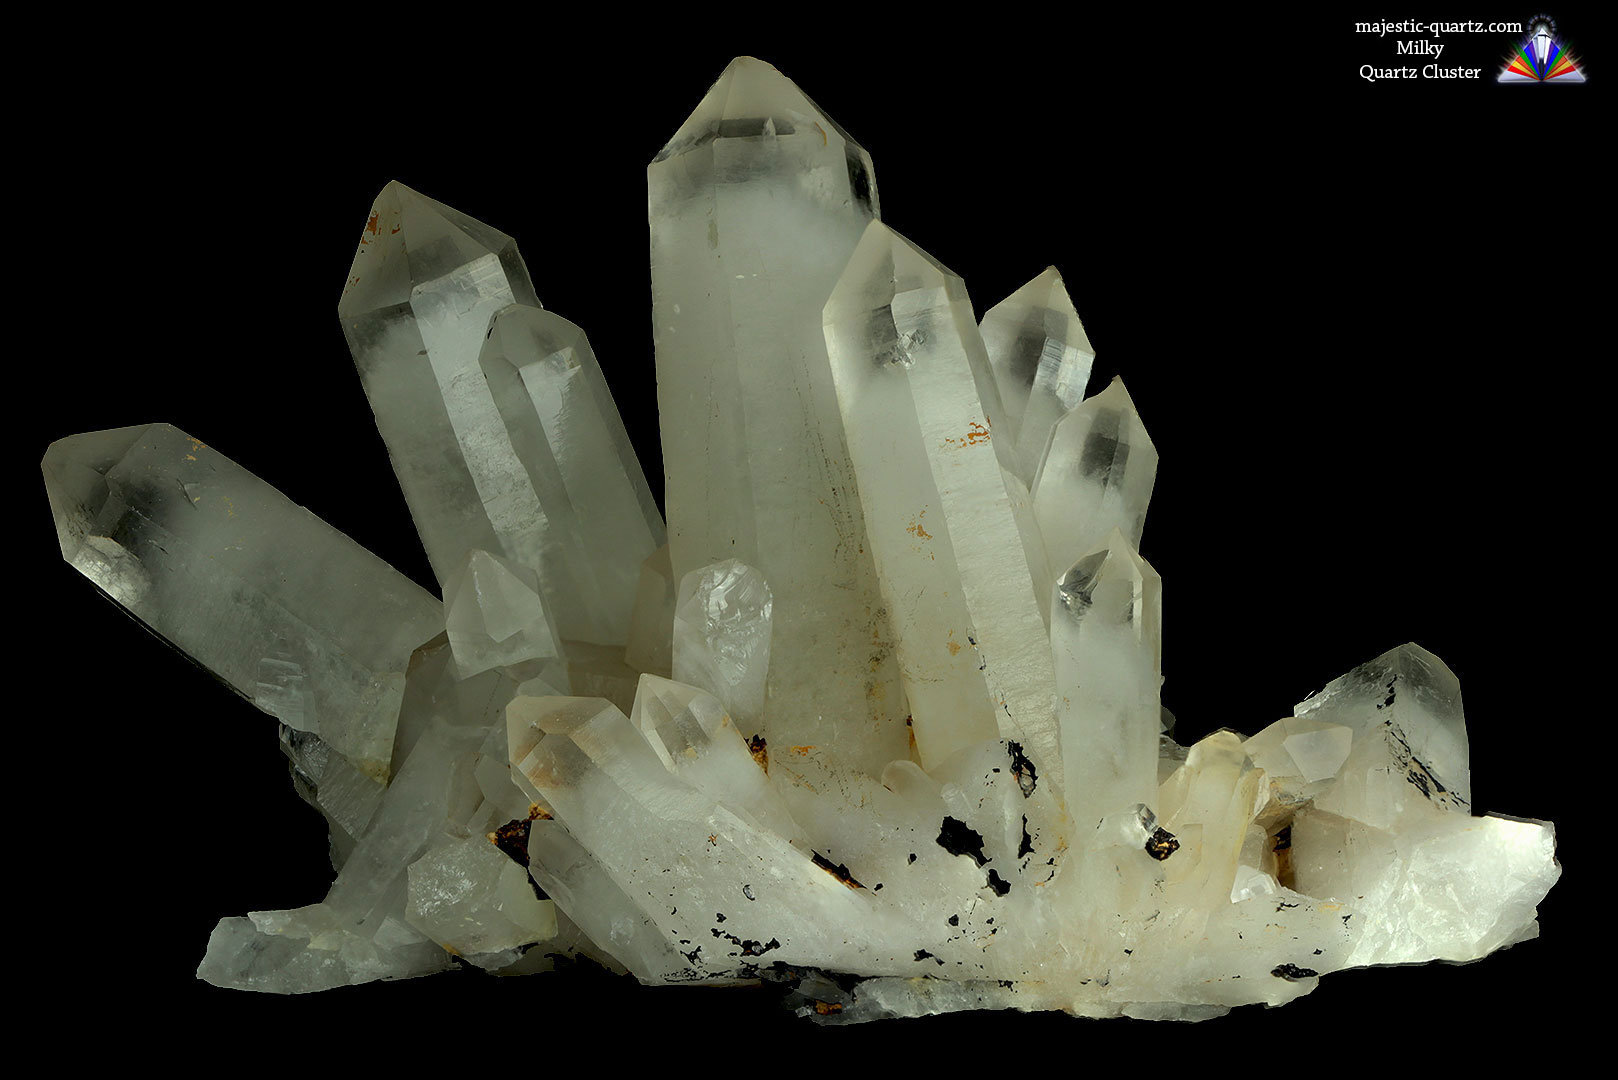 Crystal clear and krystal wett - 3 8